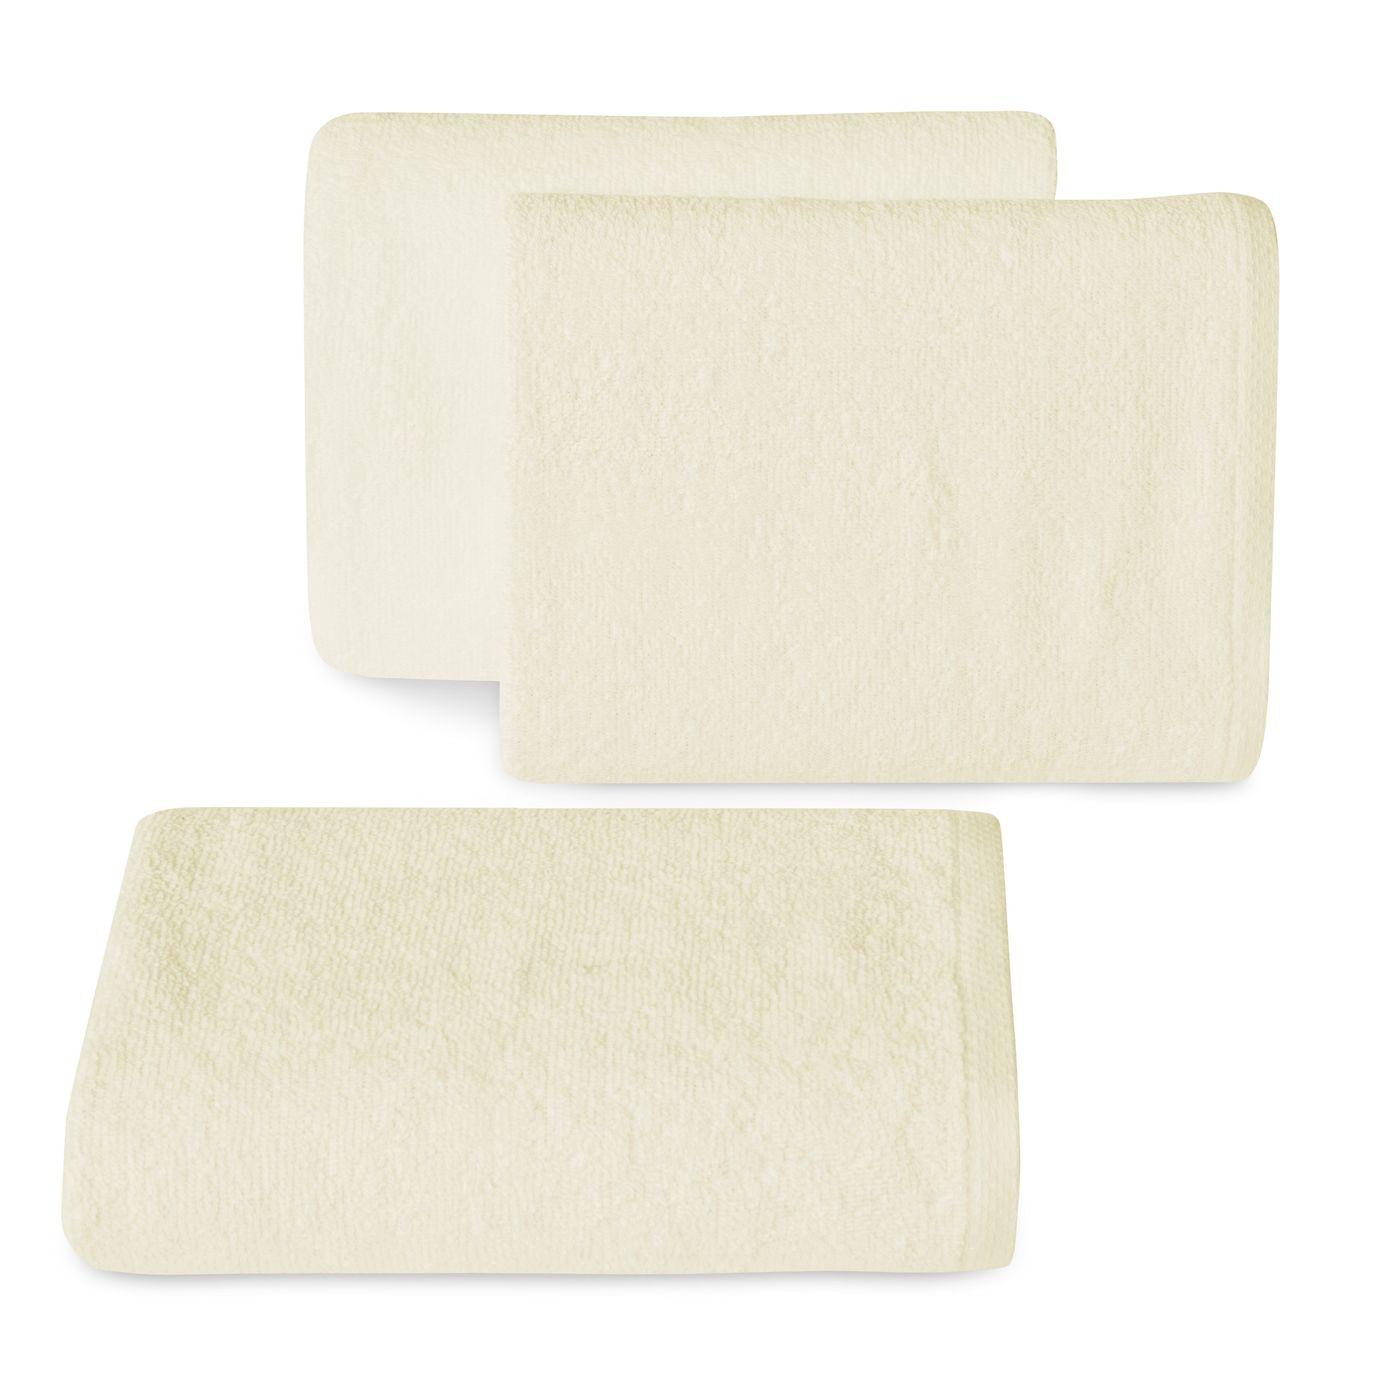 Ręcznik z bawełny gładki kremowy 30x50cm